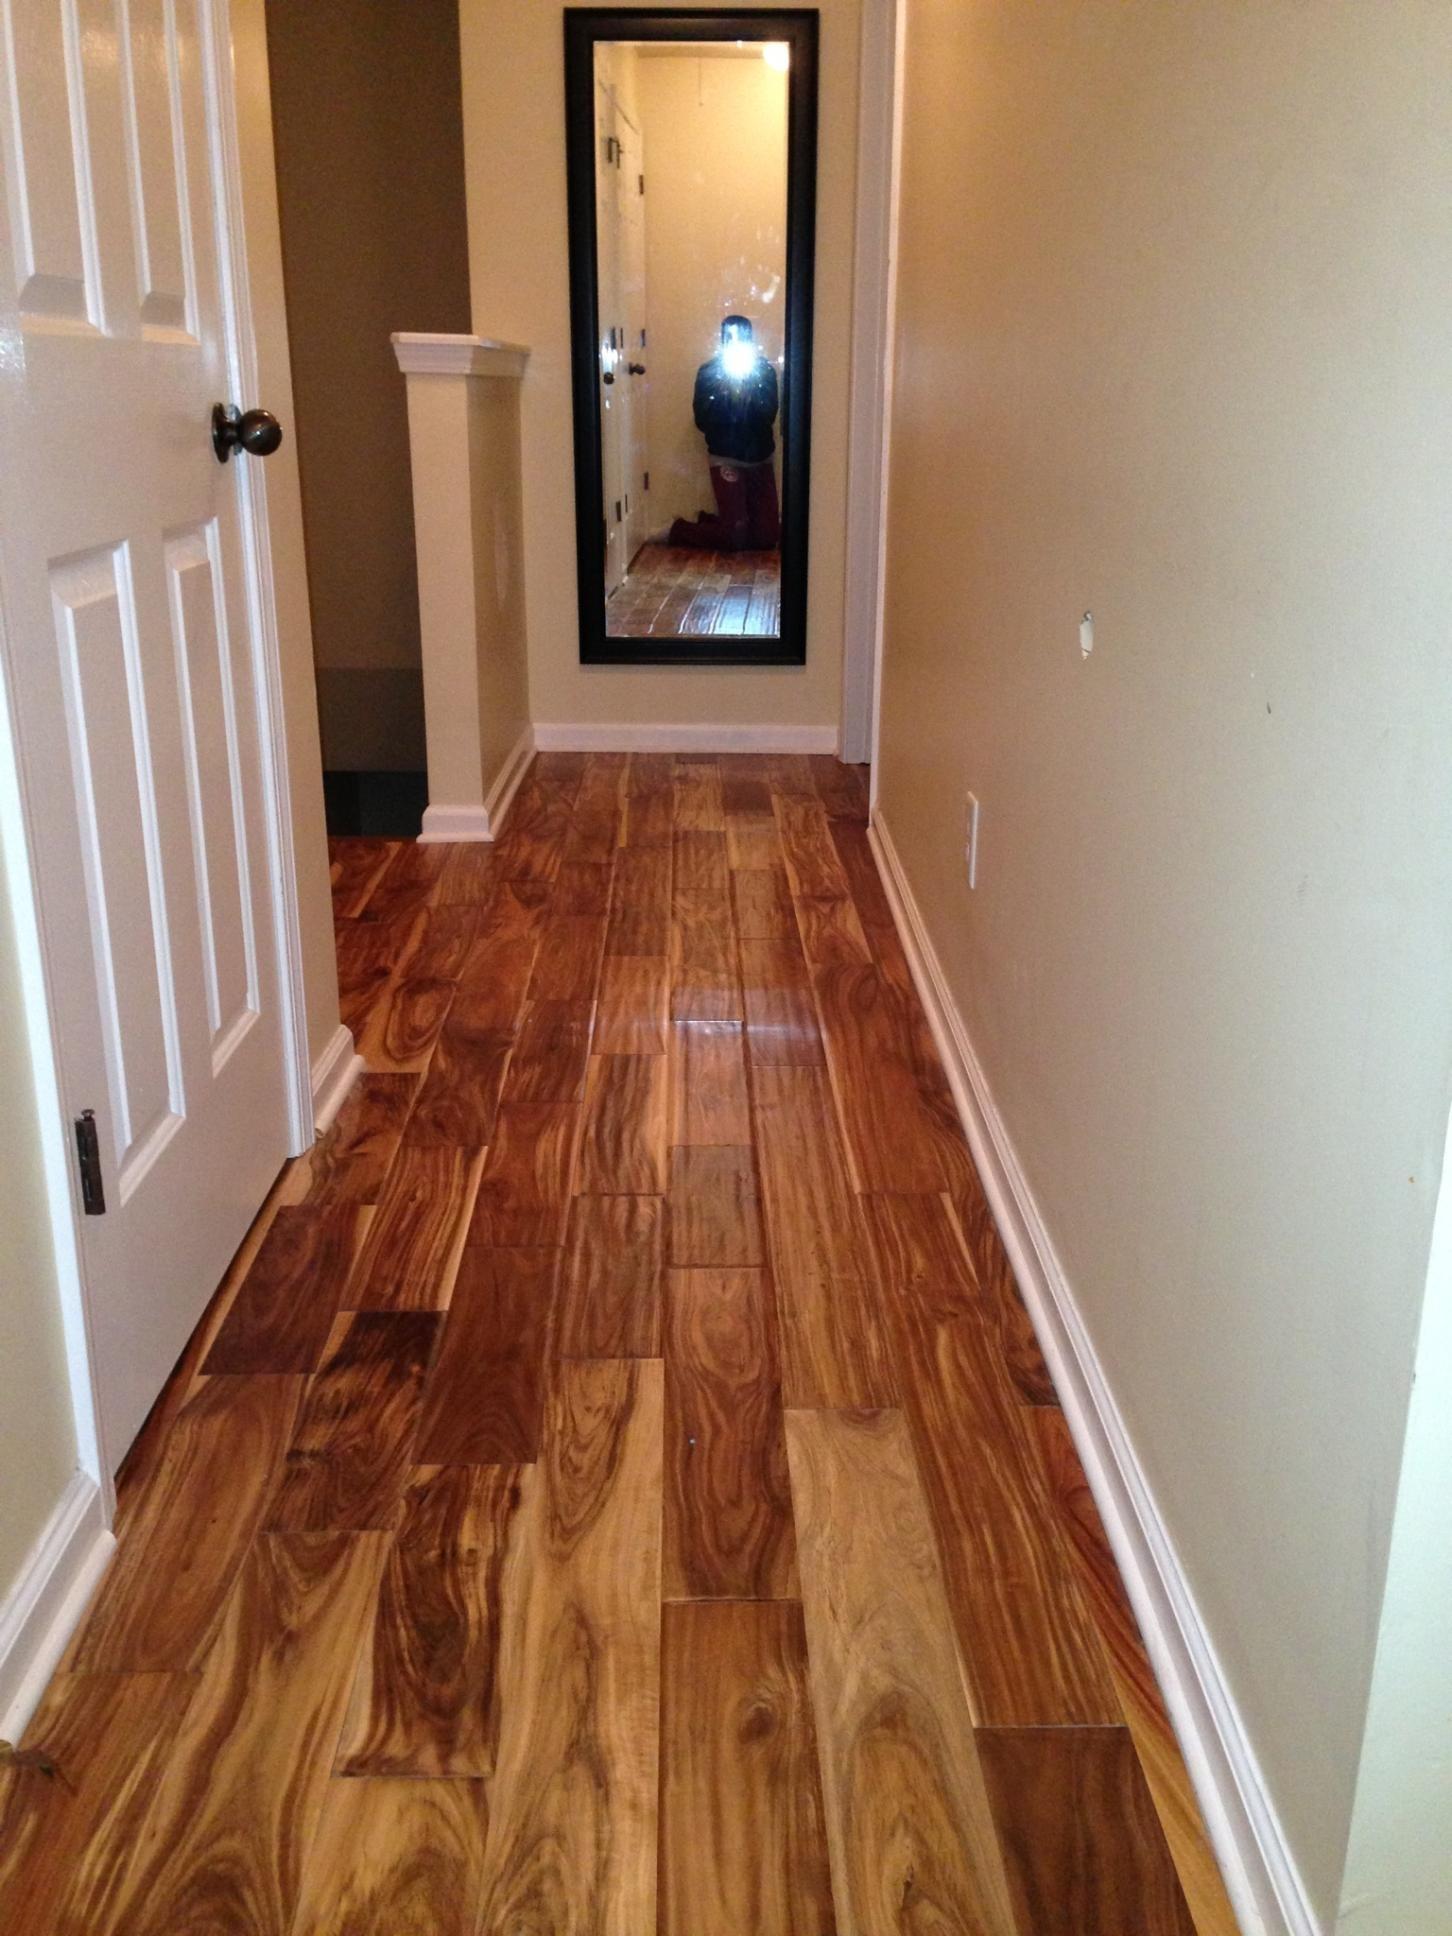 Different Types Of Hardwood Floors hardwood flooring fabulous ypes of hardwood floors wood Best Hardwood Floors